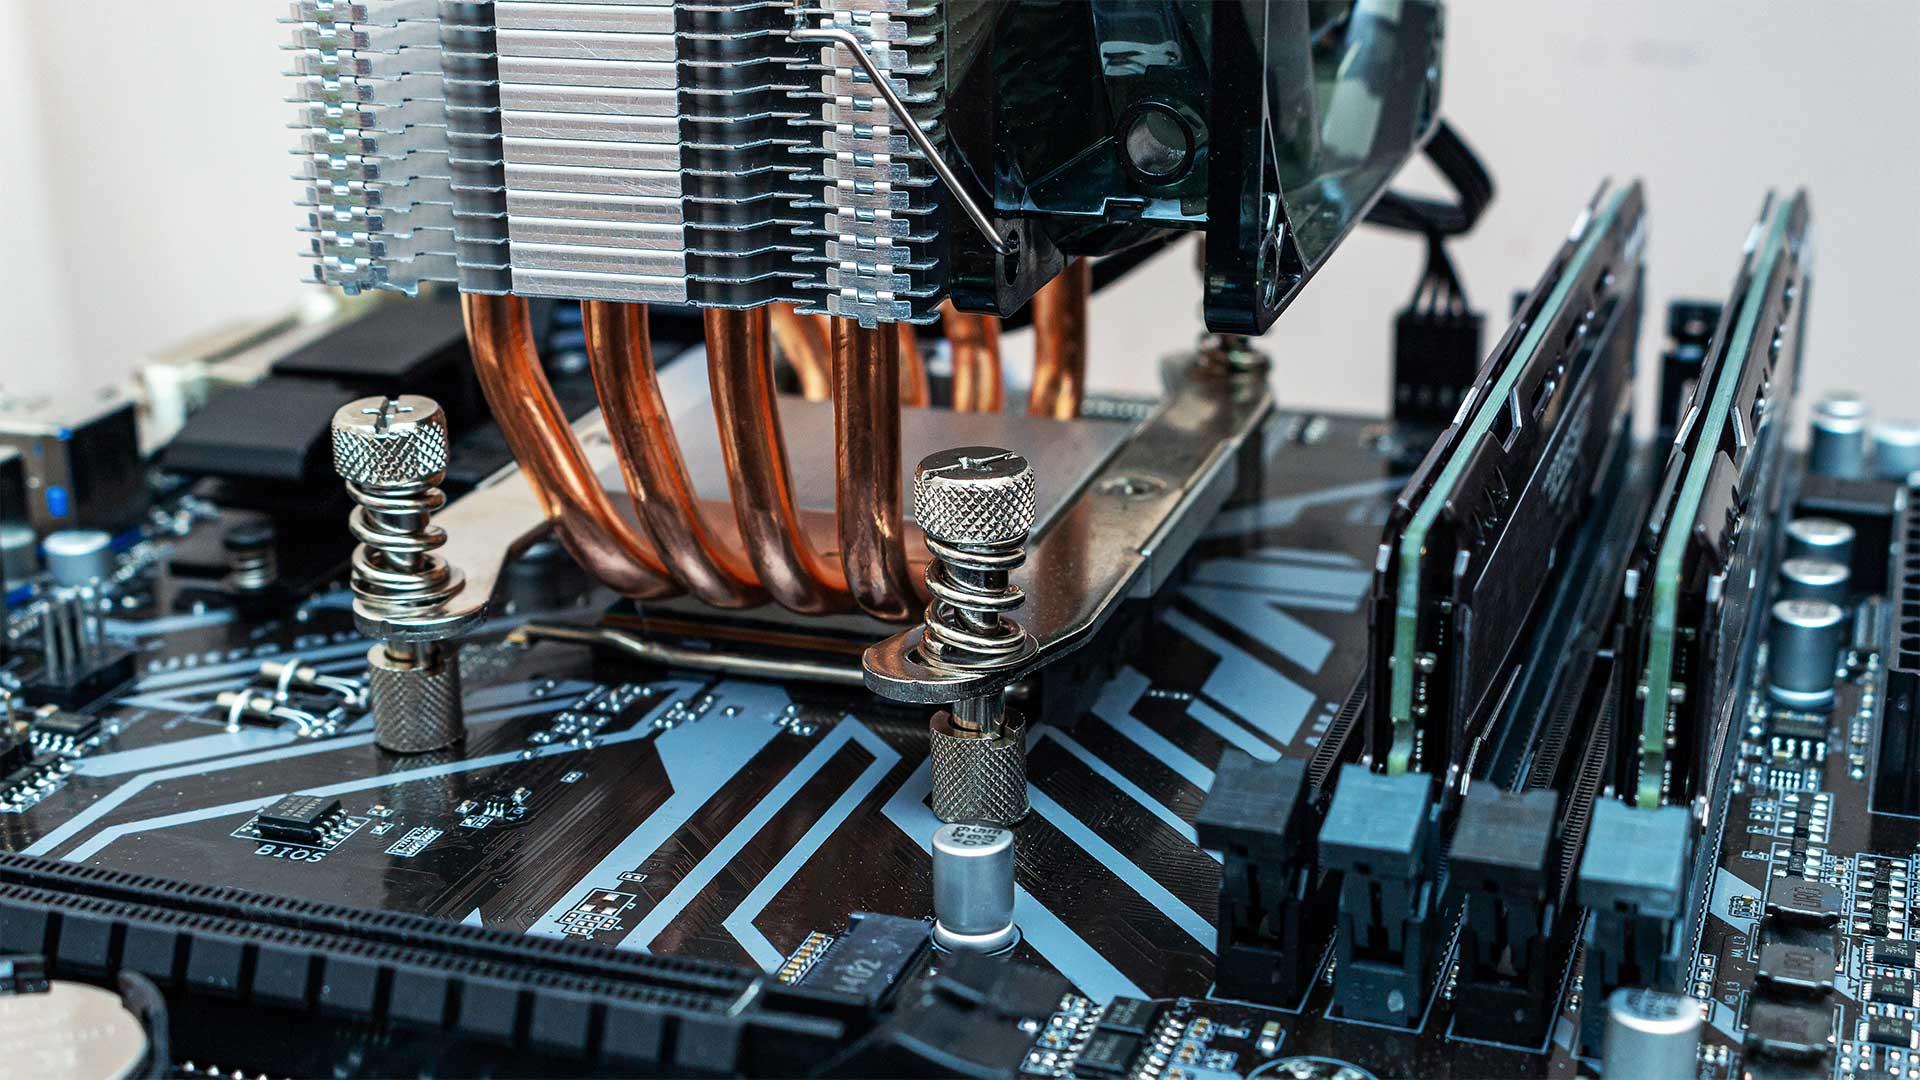 Tái sử dụng các linh kiện cũ để build PC mới, anh em cần lưu ý gì?